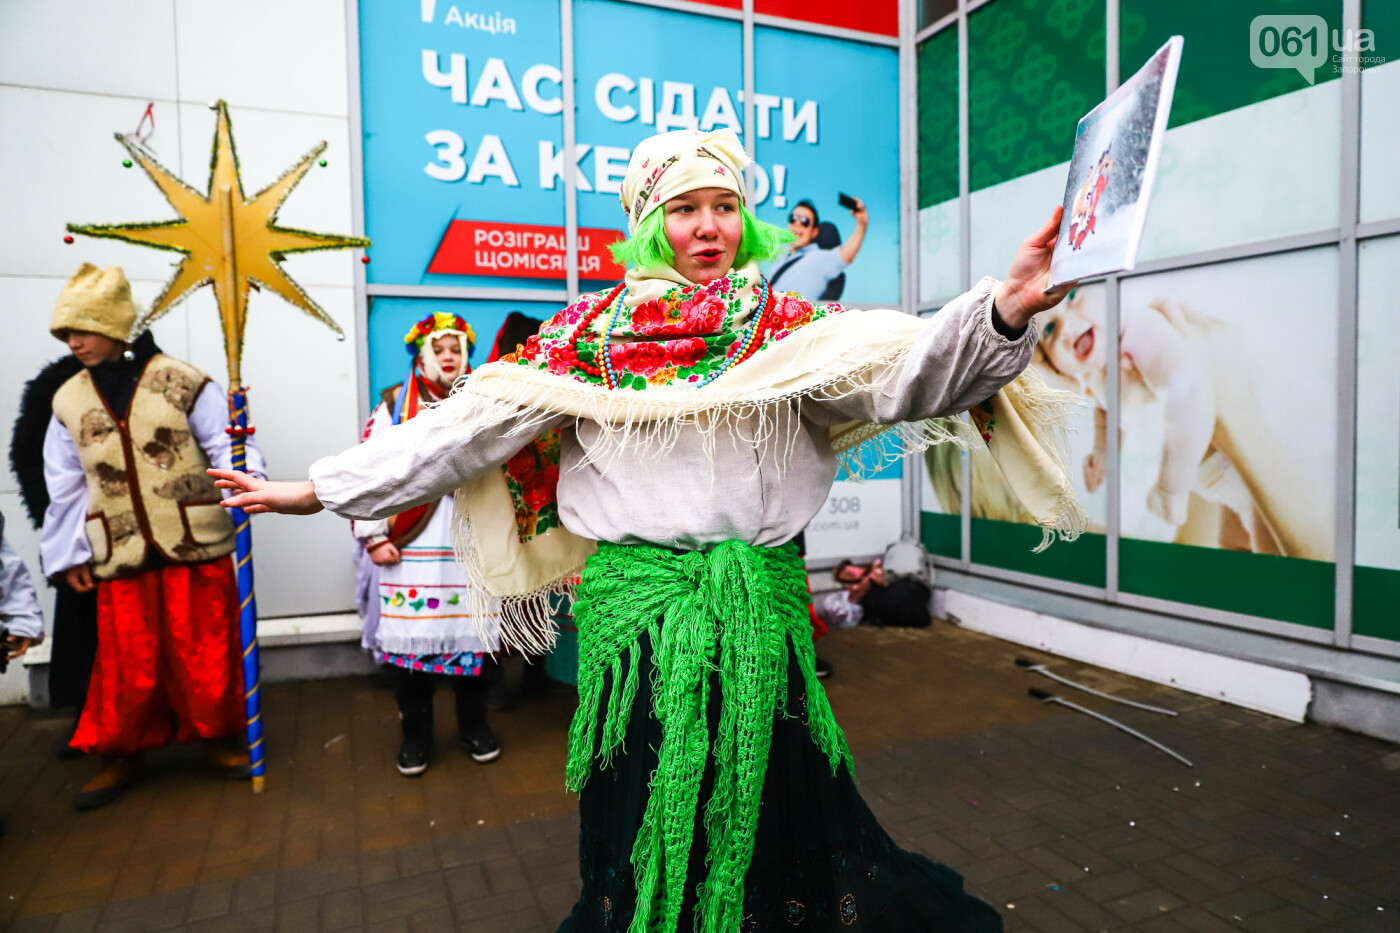 Нечистая сила против казаков: на улицах Запорожья показывали Рождественский вертеп, - ФОТО, ВИДЕО  , фото-16